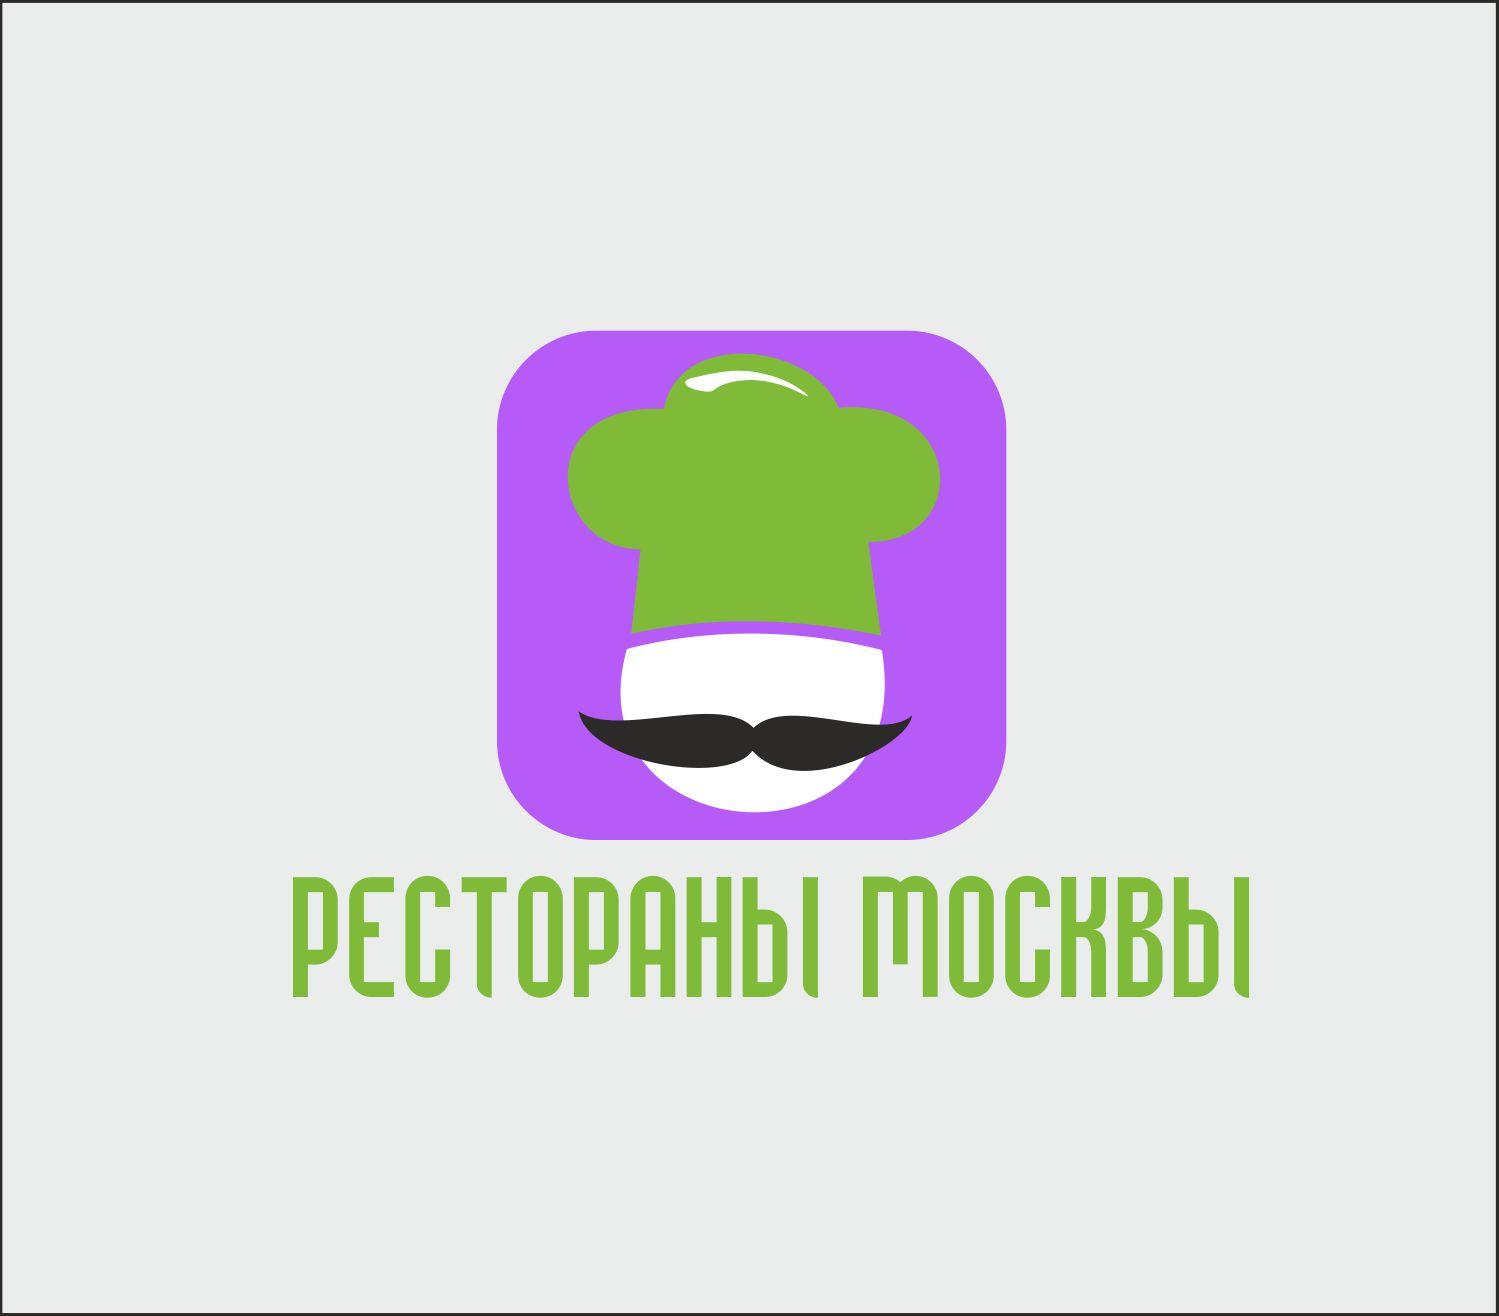 Логотип для Рестораны Москвы - дизайнер diz-1ket